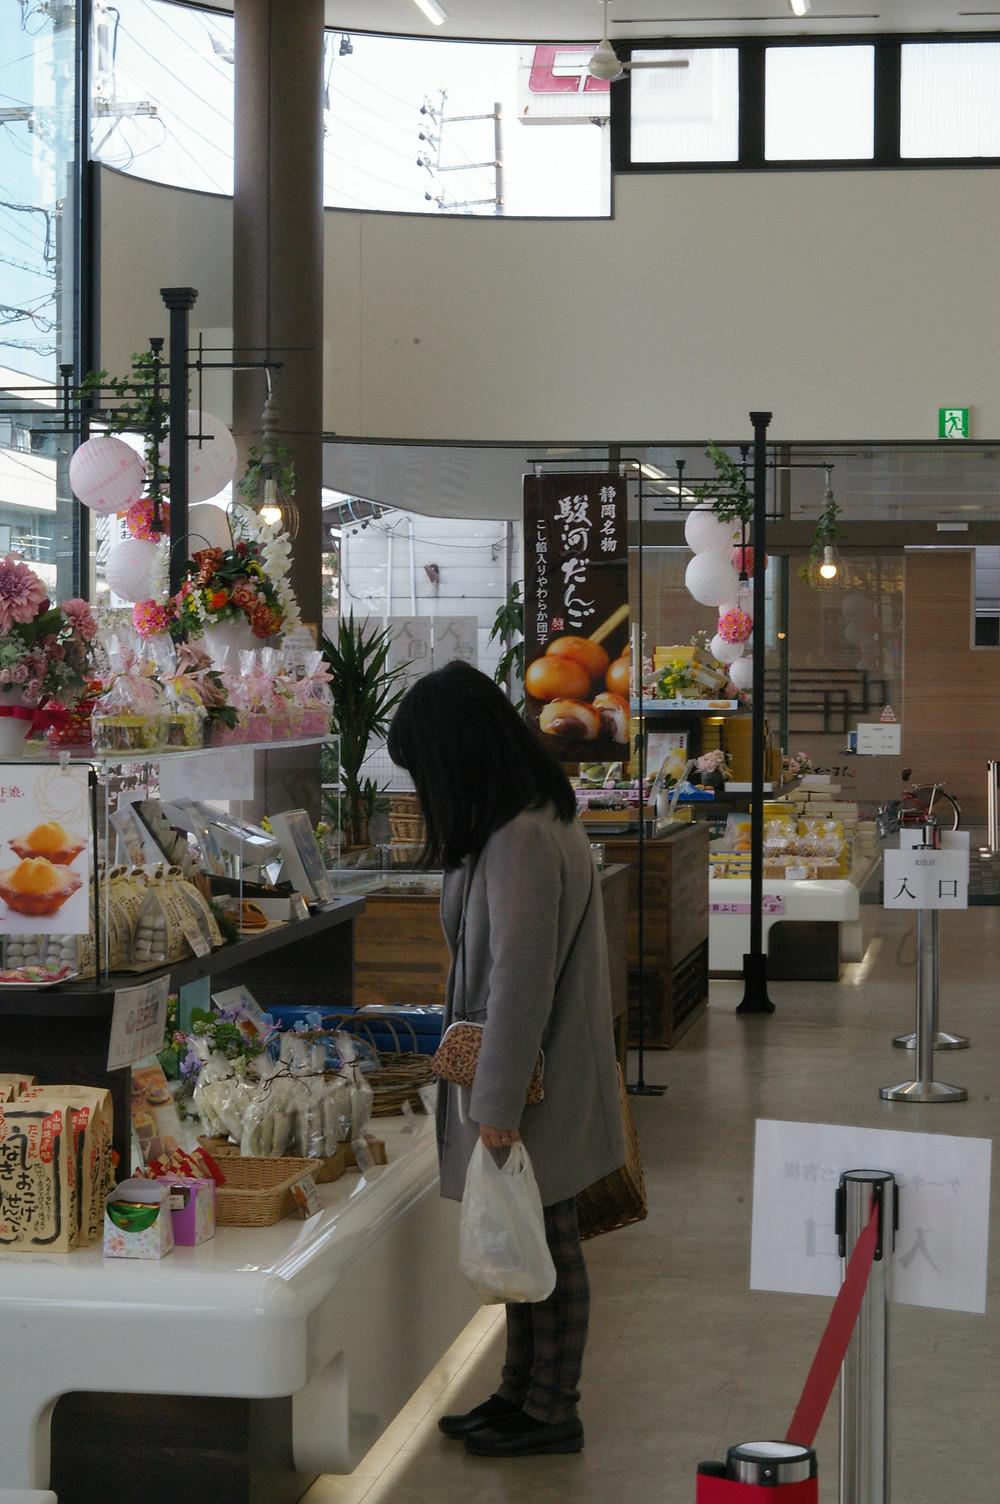 ロリエたこまんの店舗内の写真。広いですね。奥にあるのが「駿河だんご」の幟旗。どれもこれも美味しそうで目の毒です。